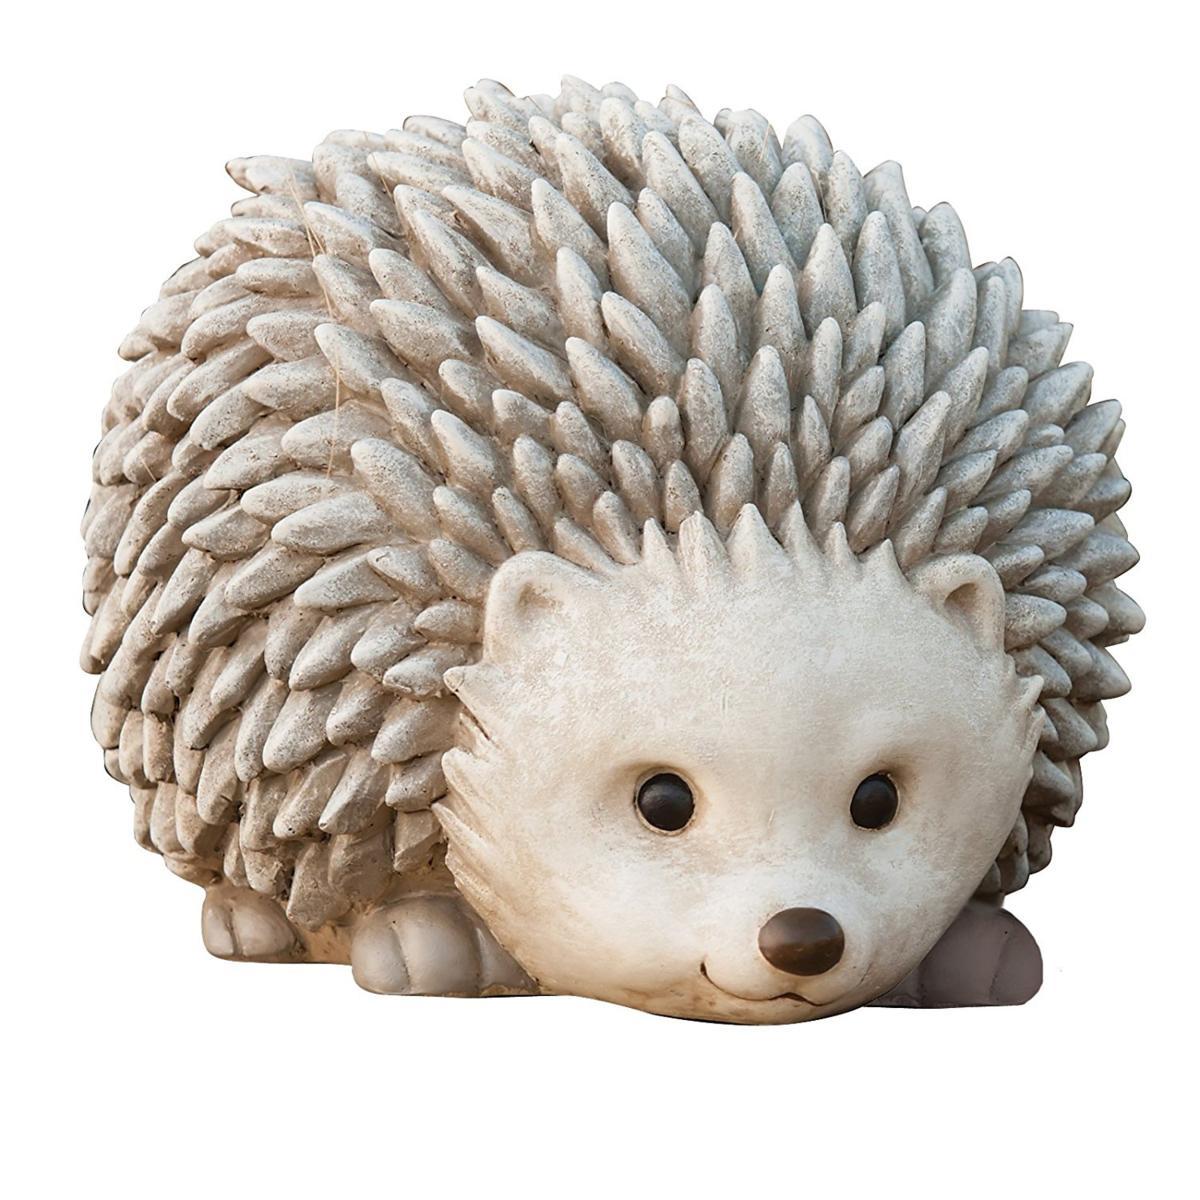 ガーデンフィギュア ヘッジホック(ハリネズミ、針鼠) 彫刻 彫像 高さ 約16cm/ Roman Pudgy Pal Garden Figure, Hedgehog,(輸入品